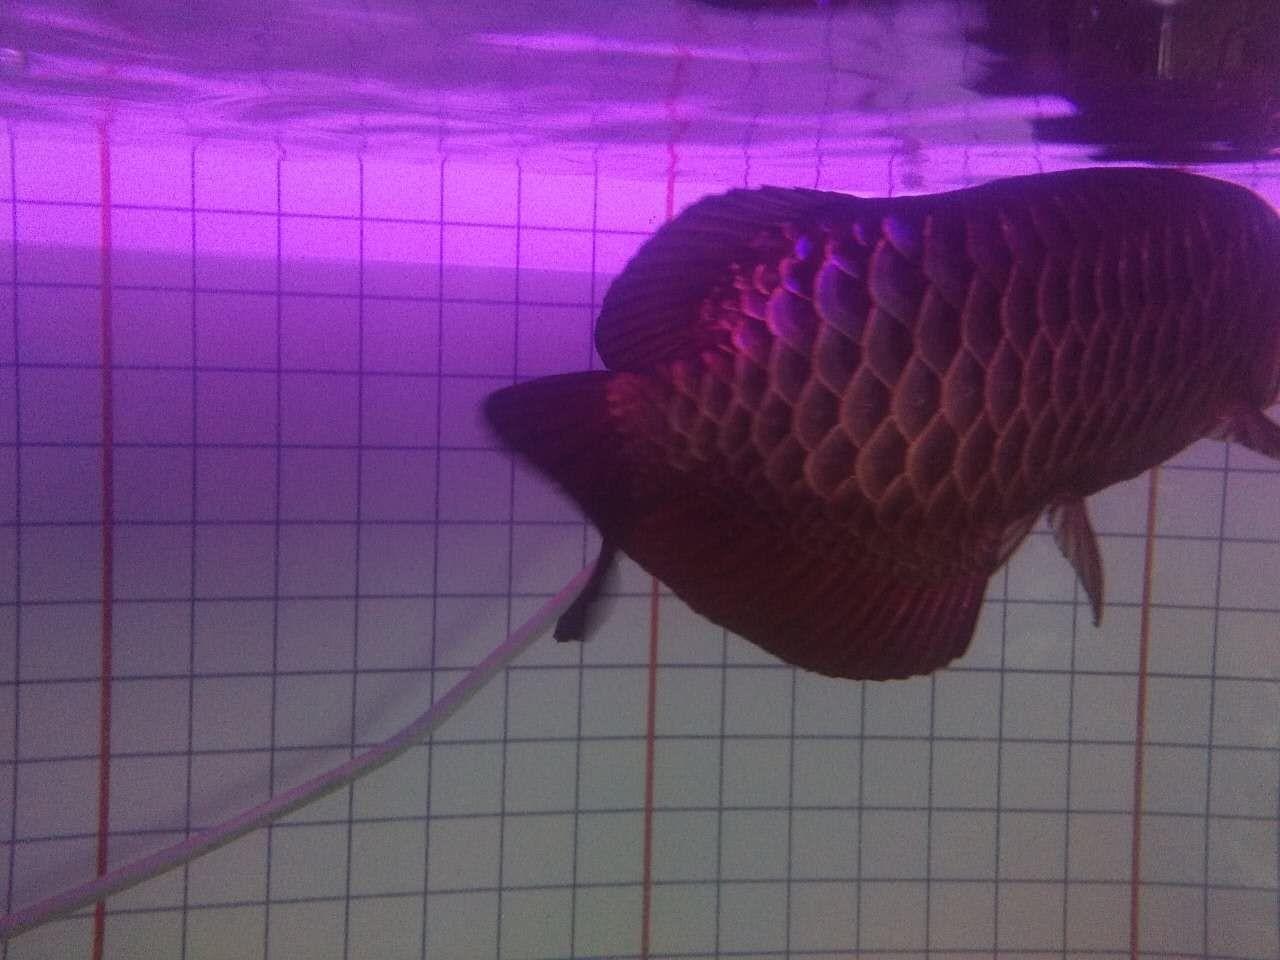 大家帮忙看看这个月1700怎么样谢啦 北京观赏鱼 北京龙鱼第4张